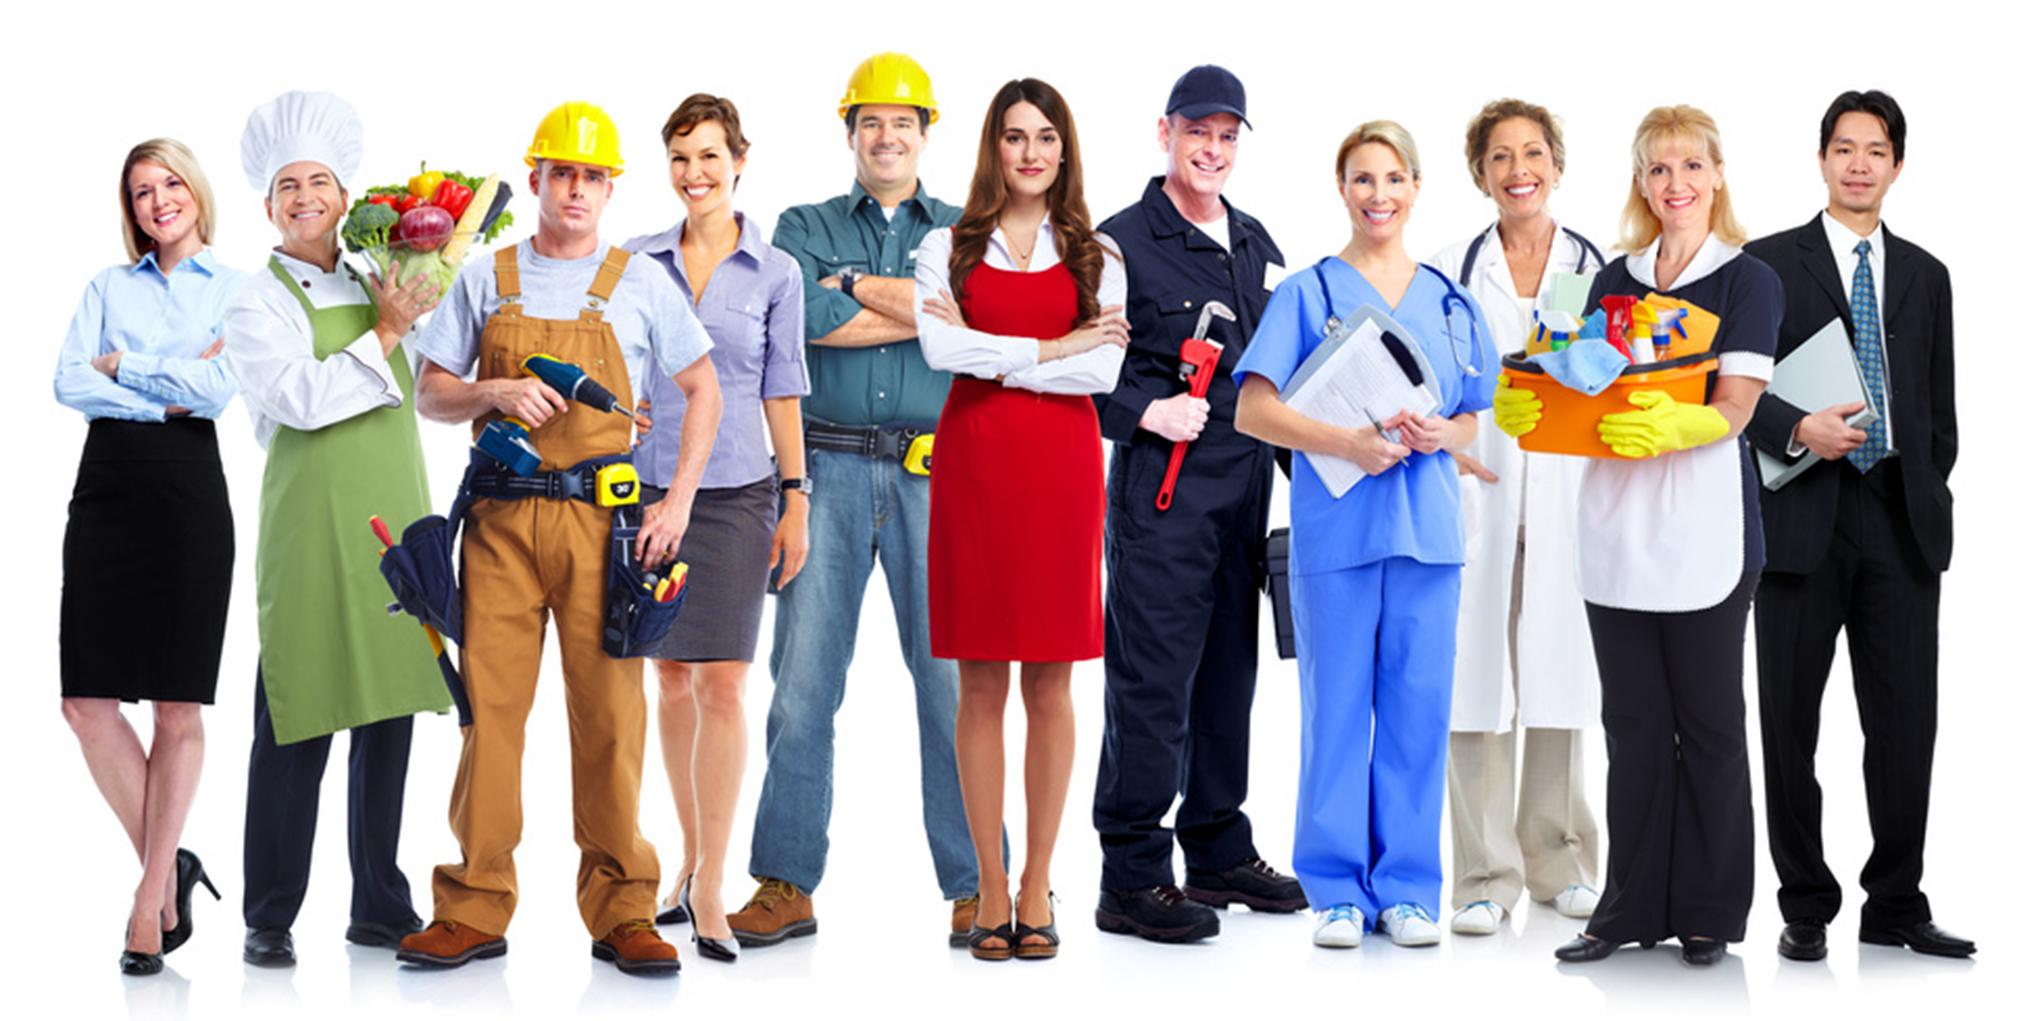 divers artisans, metier du bâtiment, bureautique, restauration